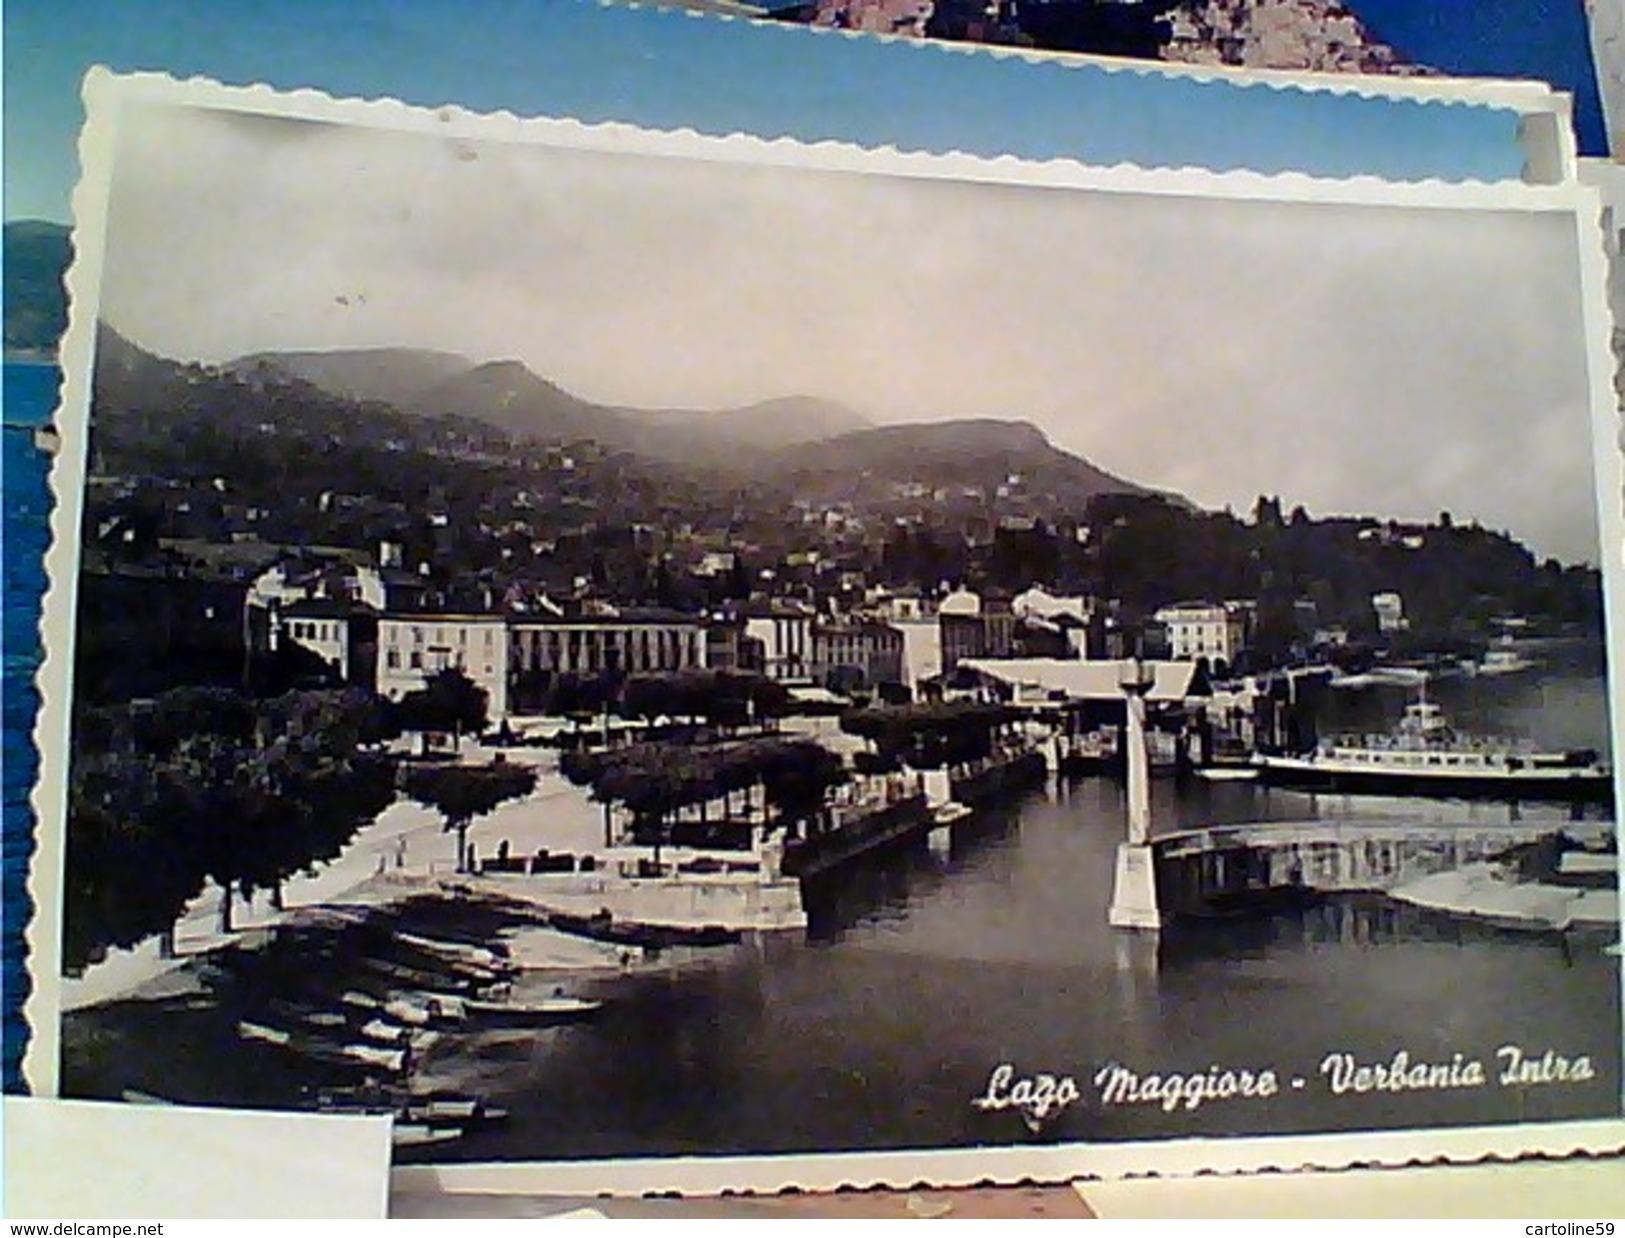 6 CARD  VERBANIA INTRA  LAGO MAGGIORE  E ISOLE MADRE E PESCATORI  VB1956/62  FY11408 - Verbania